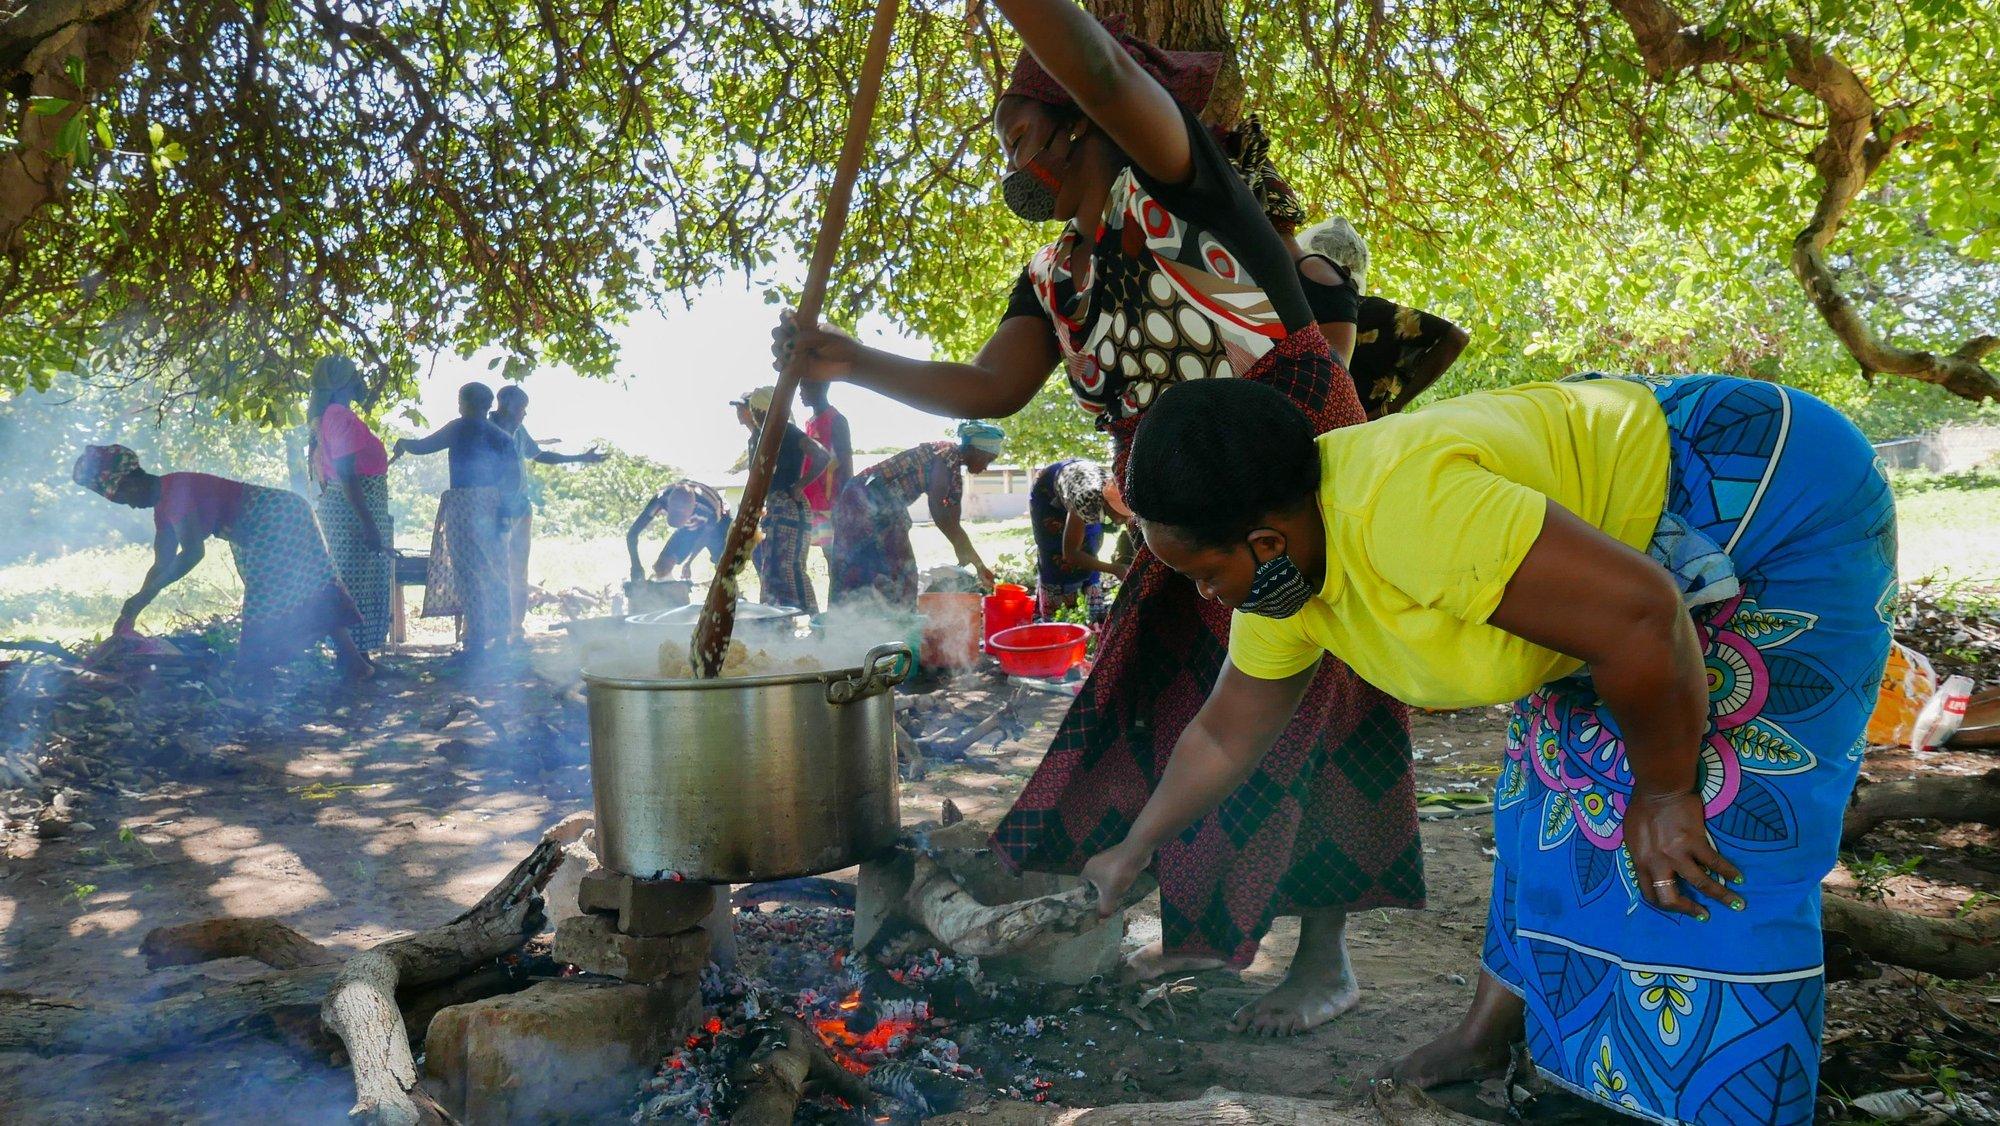 Um grupo de mulheres de Pemba decidiu hoje trabalhar em vez de descansar no feriado do Dia da Mulher Moçambicana, preparando refeições para os deslocados do ataque a Palma, Cabo Delgado, Moçambique, 07 de abril de 2021. Os ataques são só uma ponta do problema que se estende desde as zonas de conflito até Pemba e outras cidades, seguras, mas agora sobrelotadas com a vaga de 700.000 deslocados em três anos e meio de conflito. (ACOMPANHA TEXTO). LUÍS MIGUEL FONSECA/LUSA